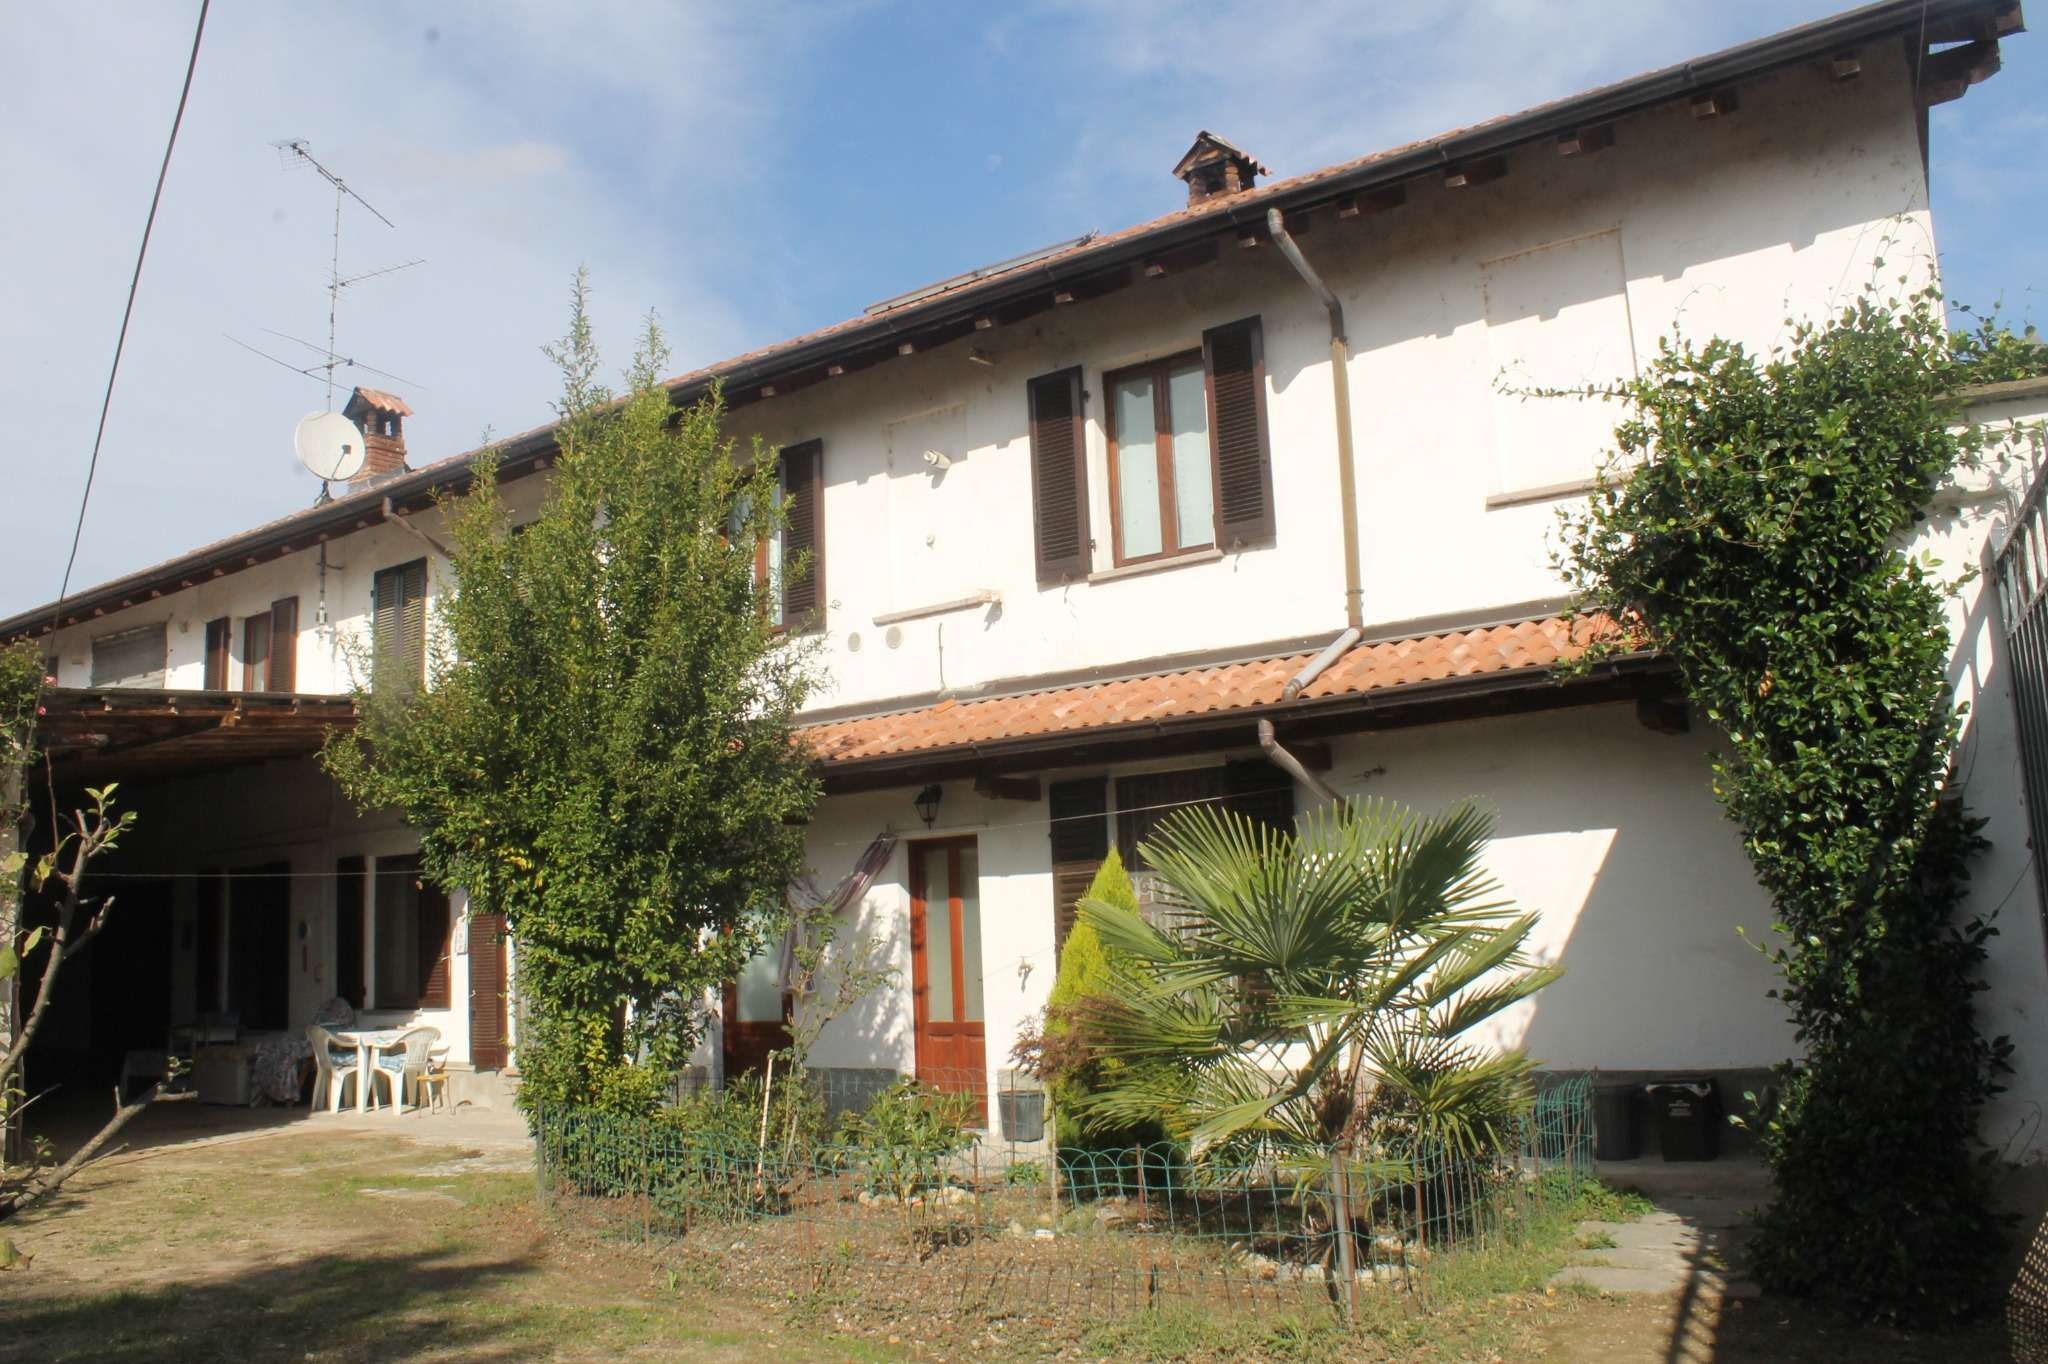 Soluzione Indipendente in vendita a Tromello, 10 locali, prezzo € 178.000 | PortaleAgenzieImmobiliari.it